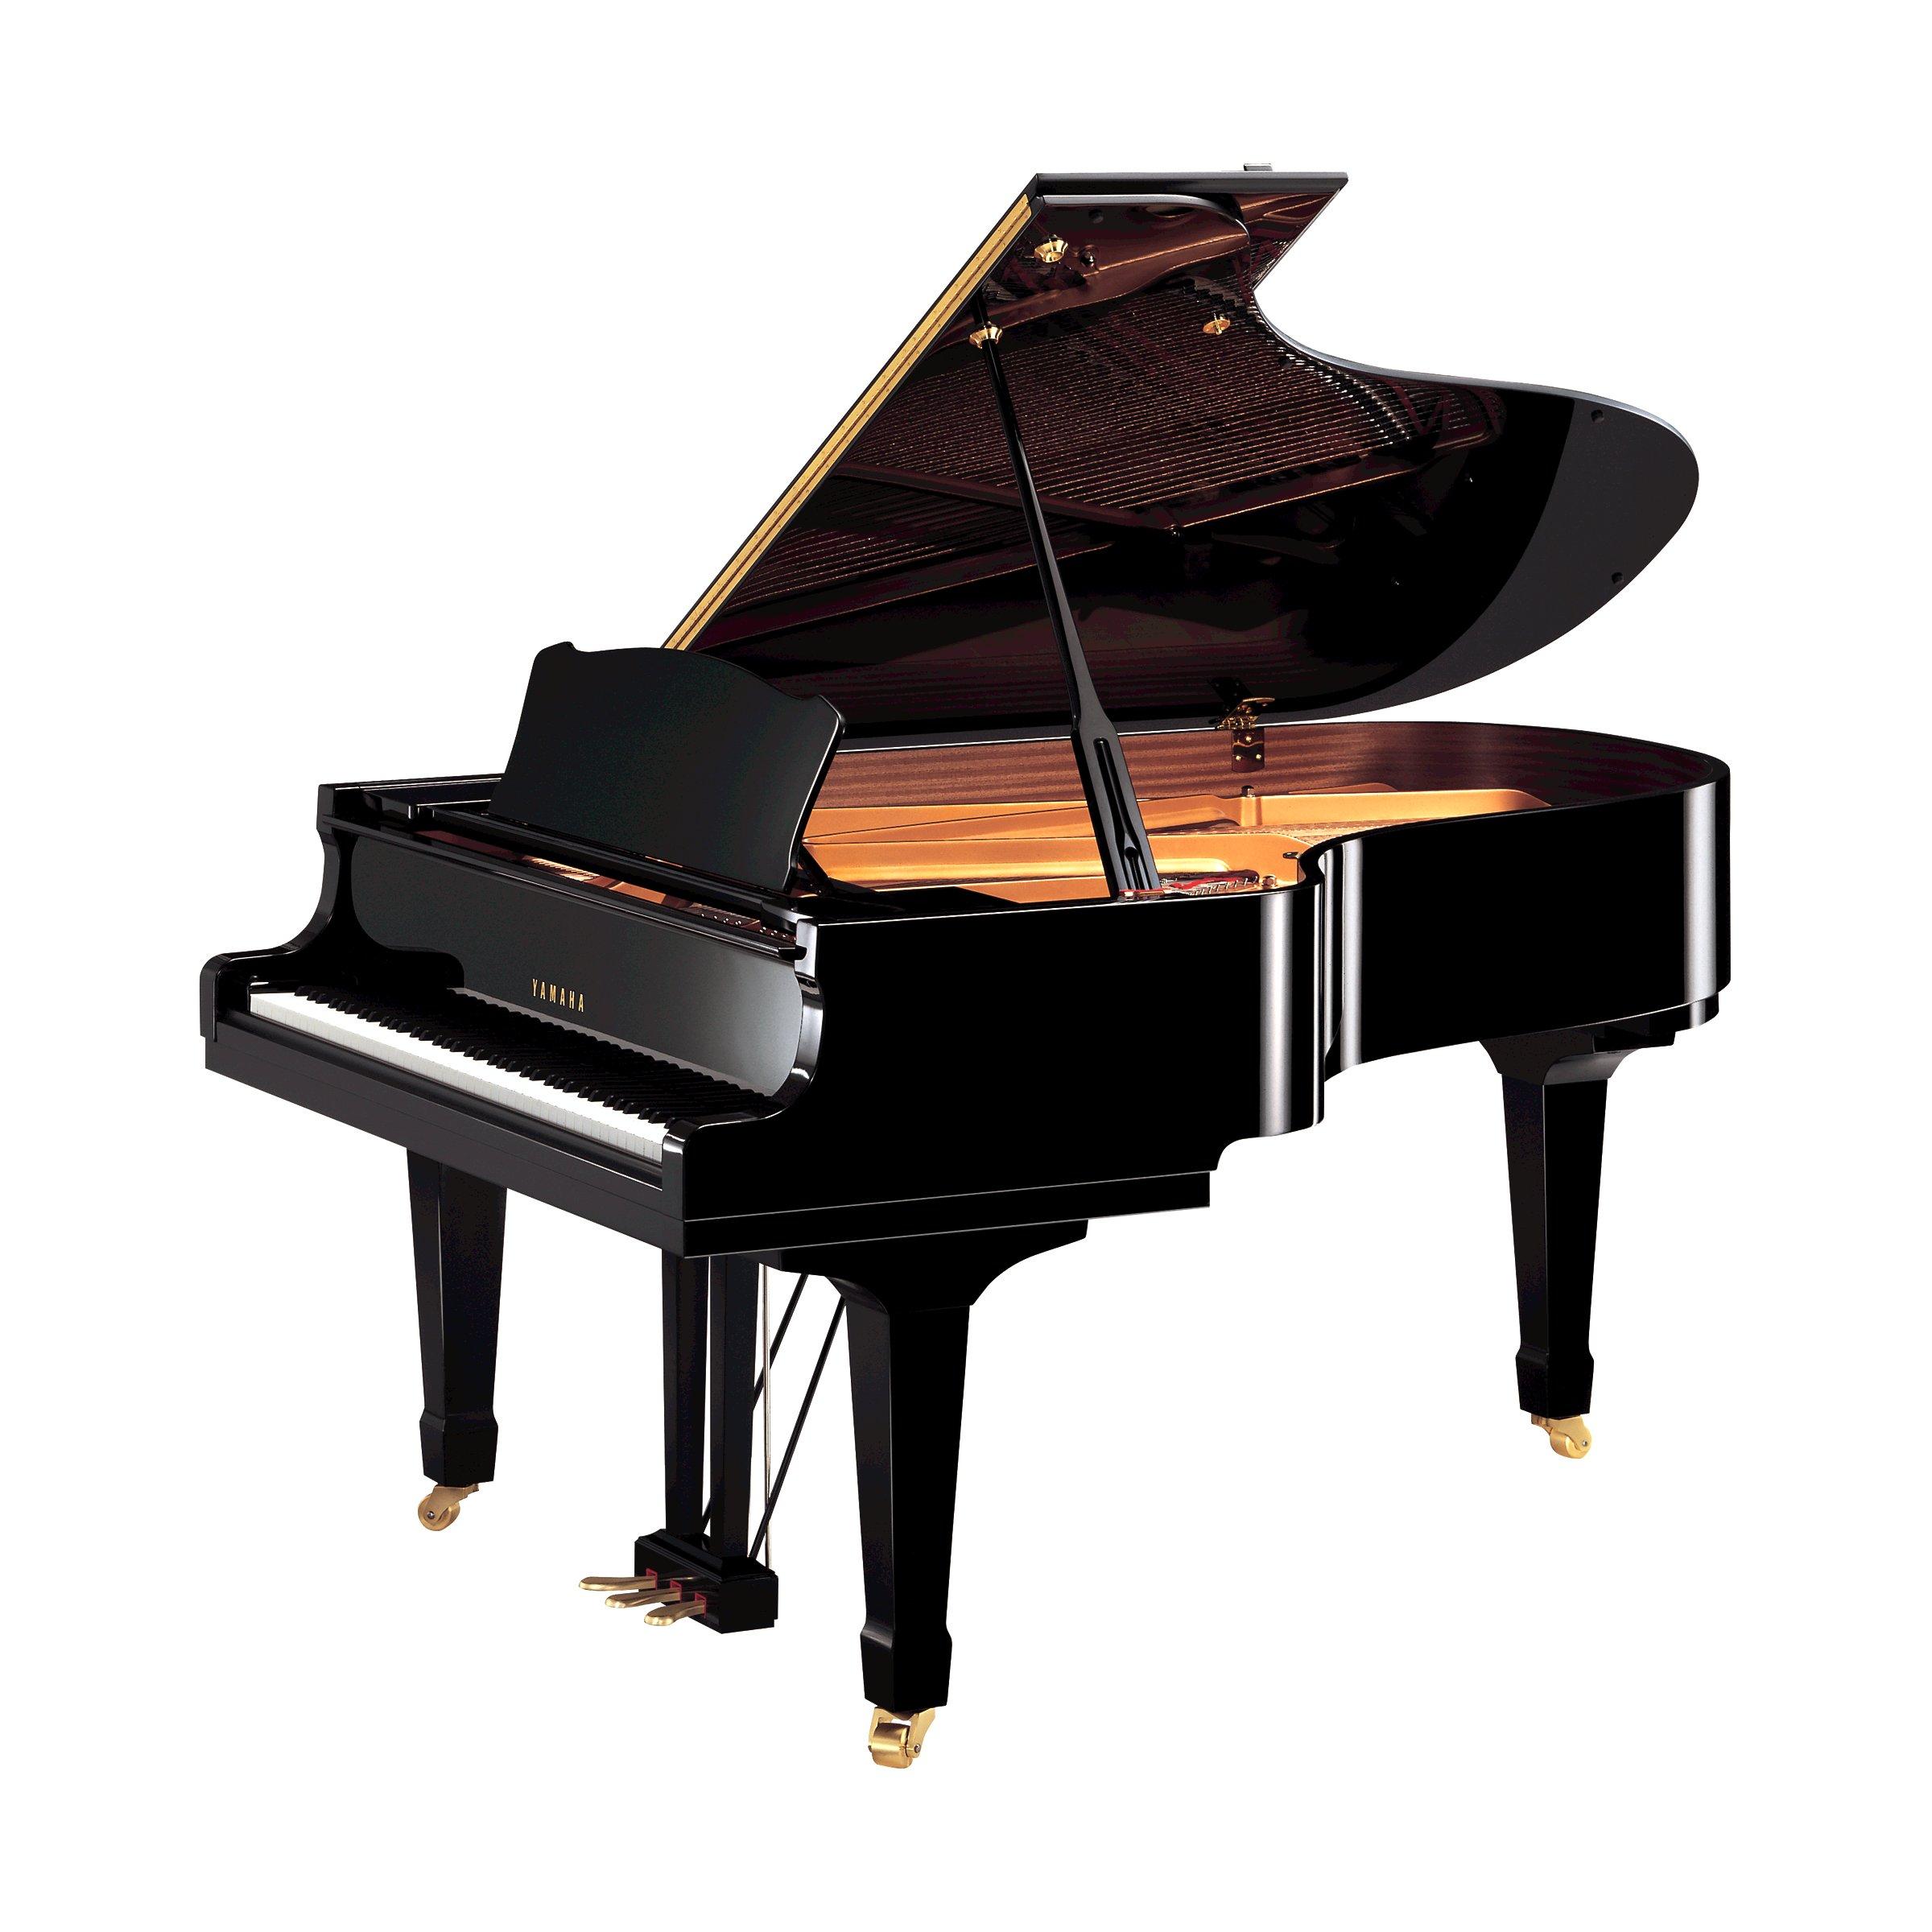 ヤマハ | C5(2007年発売) - グランドピアノ - 概要